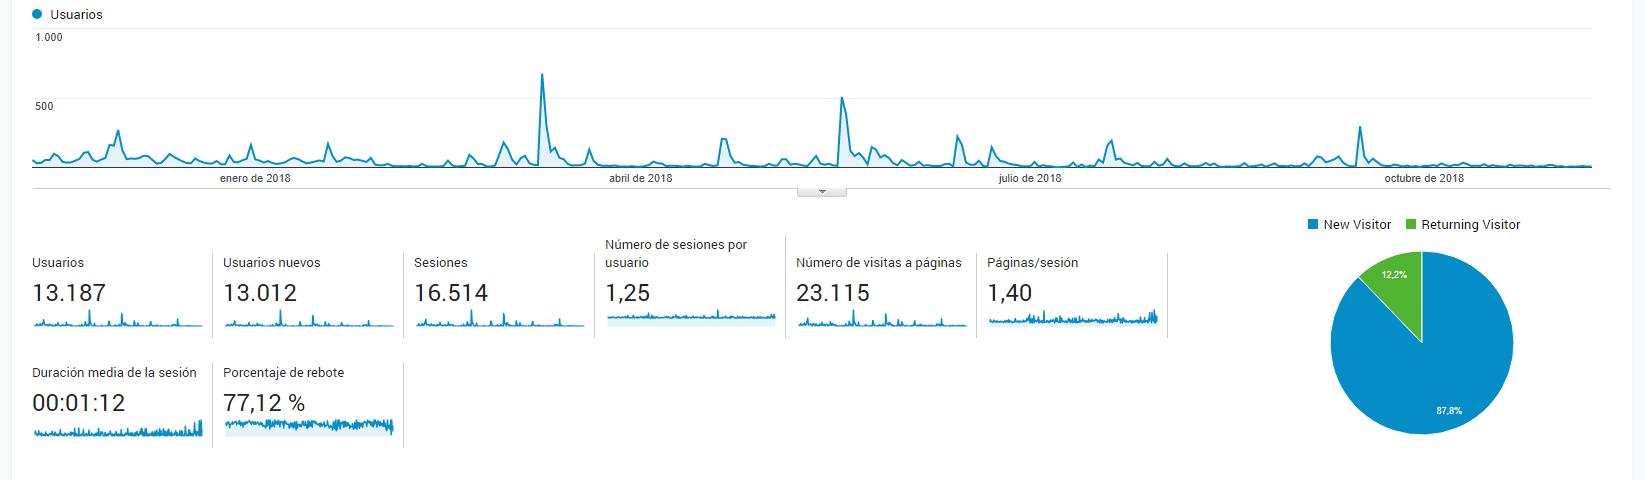 IHGBlog estadísticas visitas 2017-2018